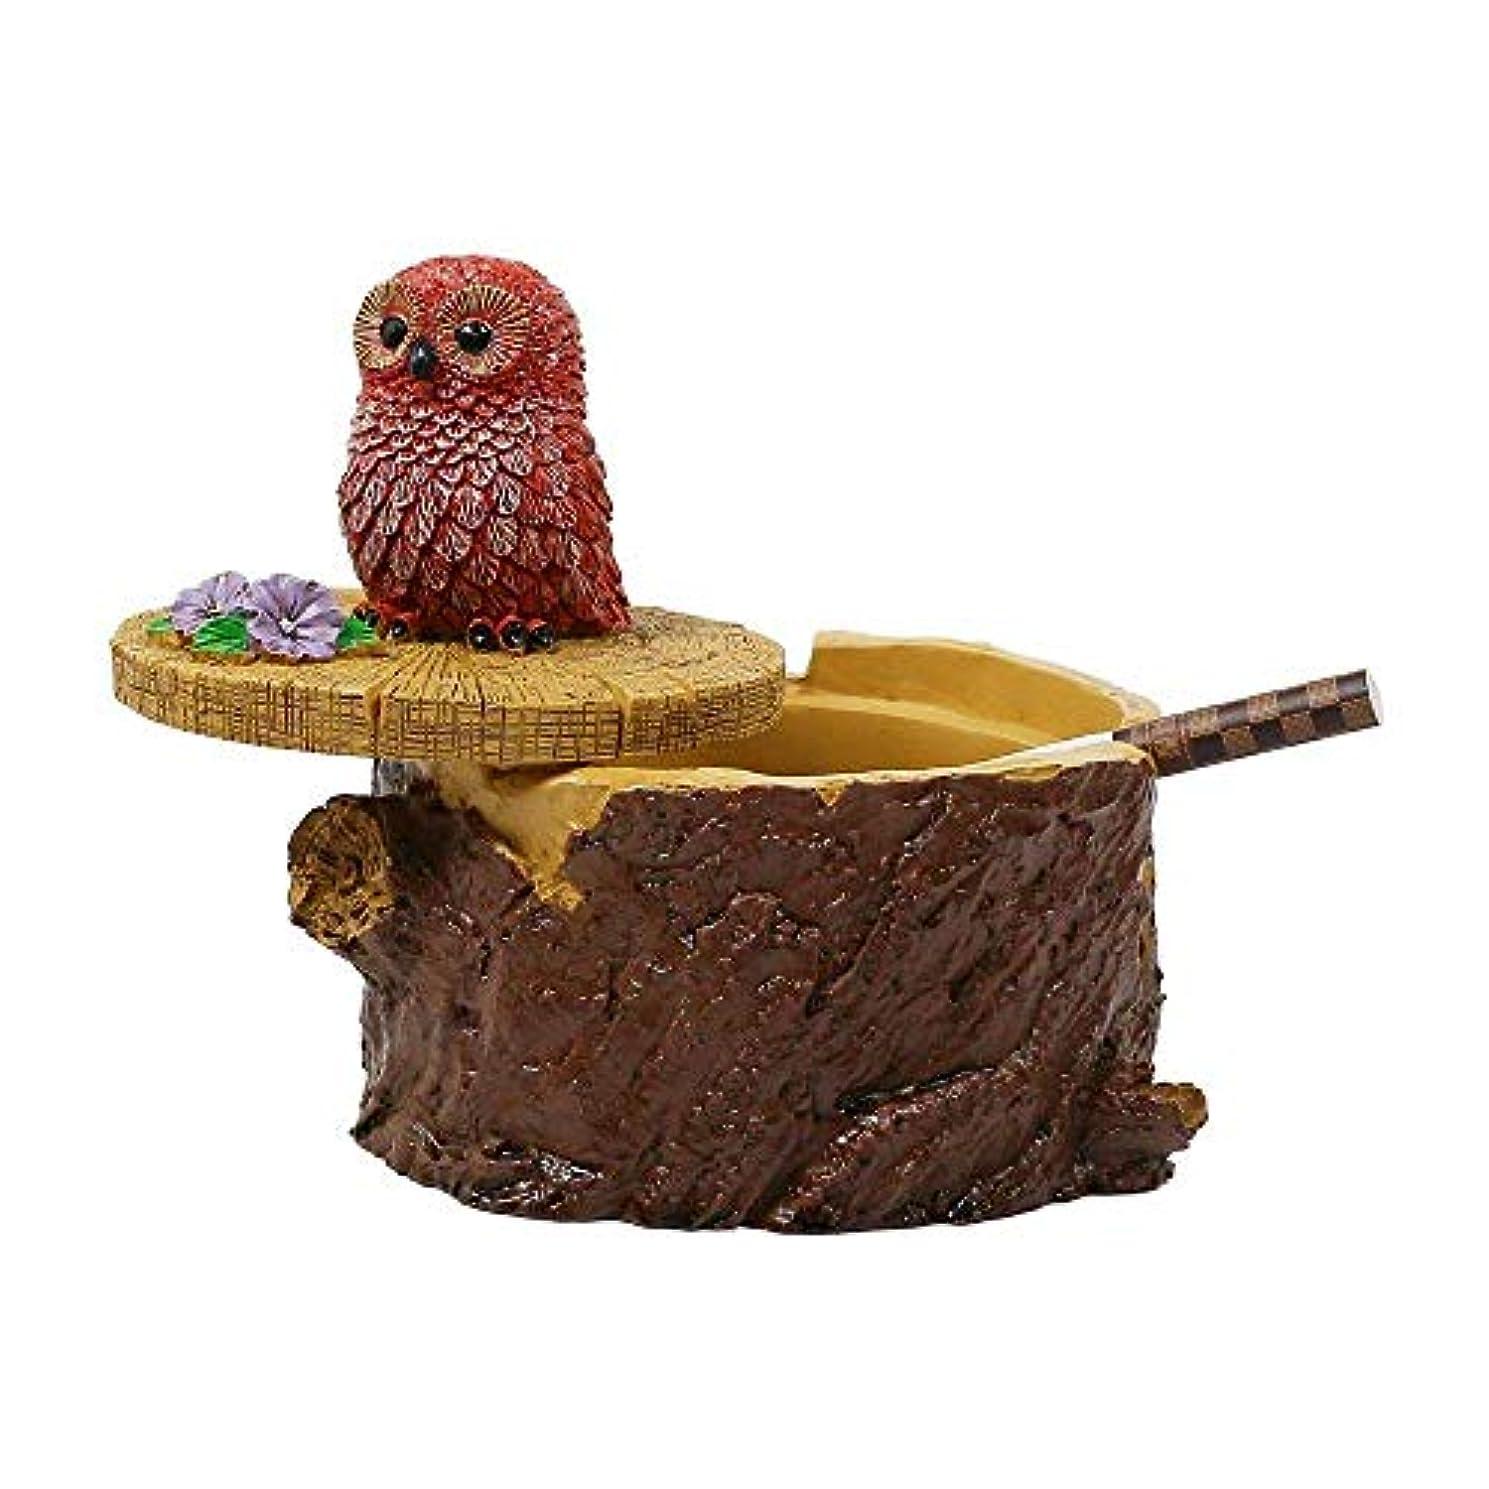 荒廃する週末アサートタバコのための屋外灰皿家庭と庭のための蓋のかわいい樹脂フクロウの灰皿